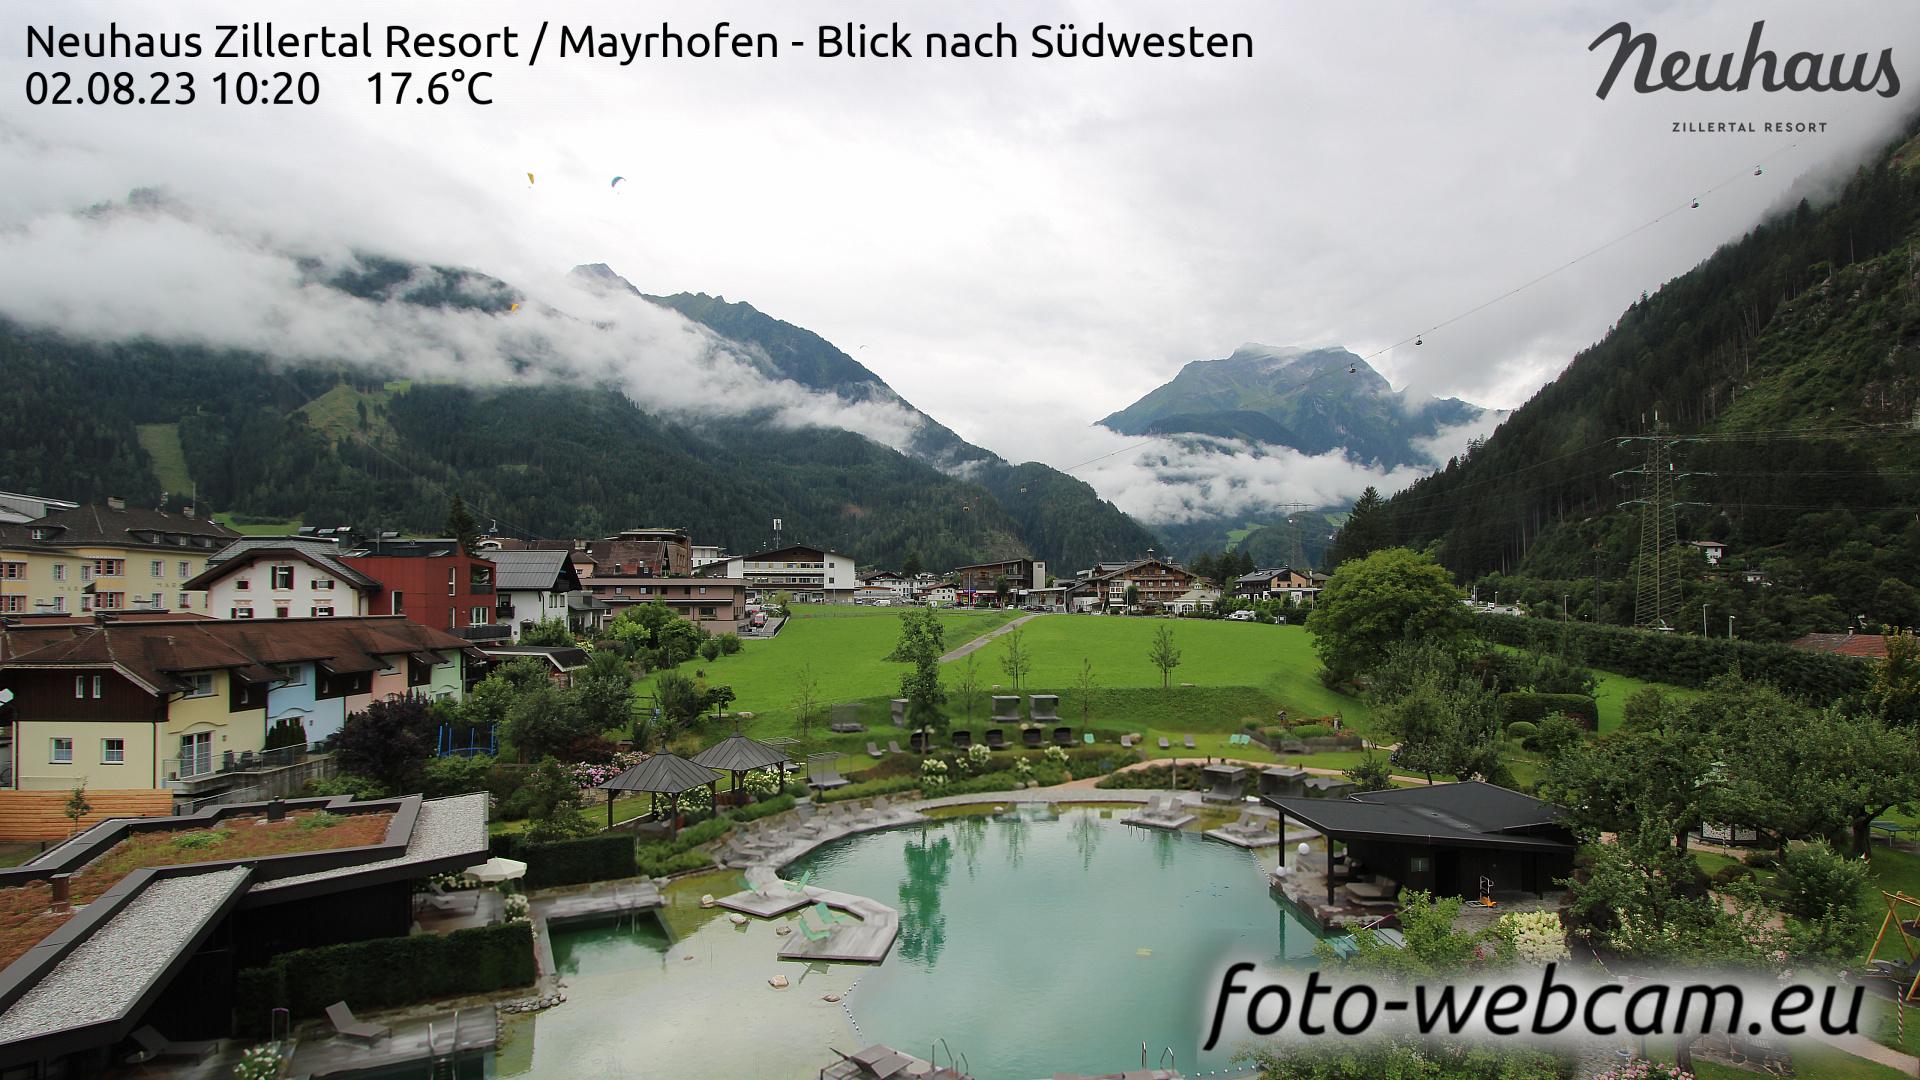 Mayrhofen Mon. 10:33